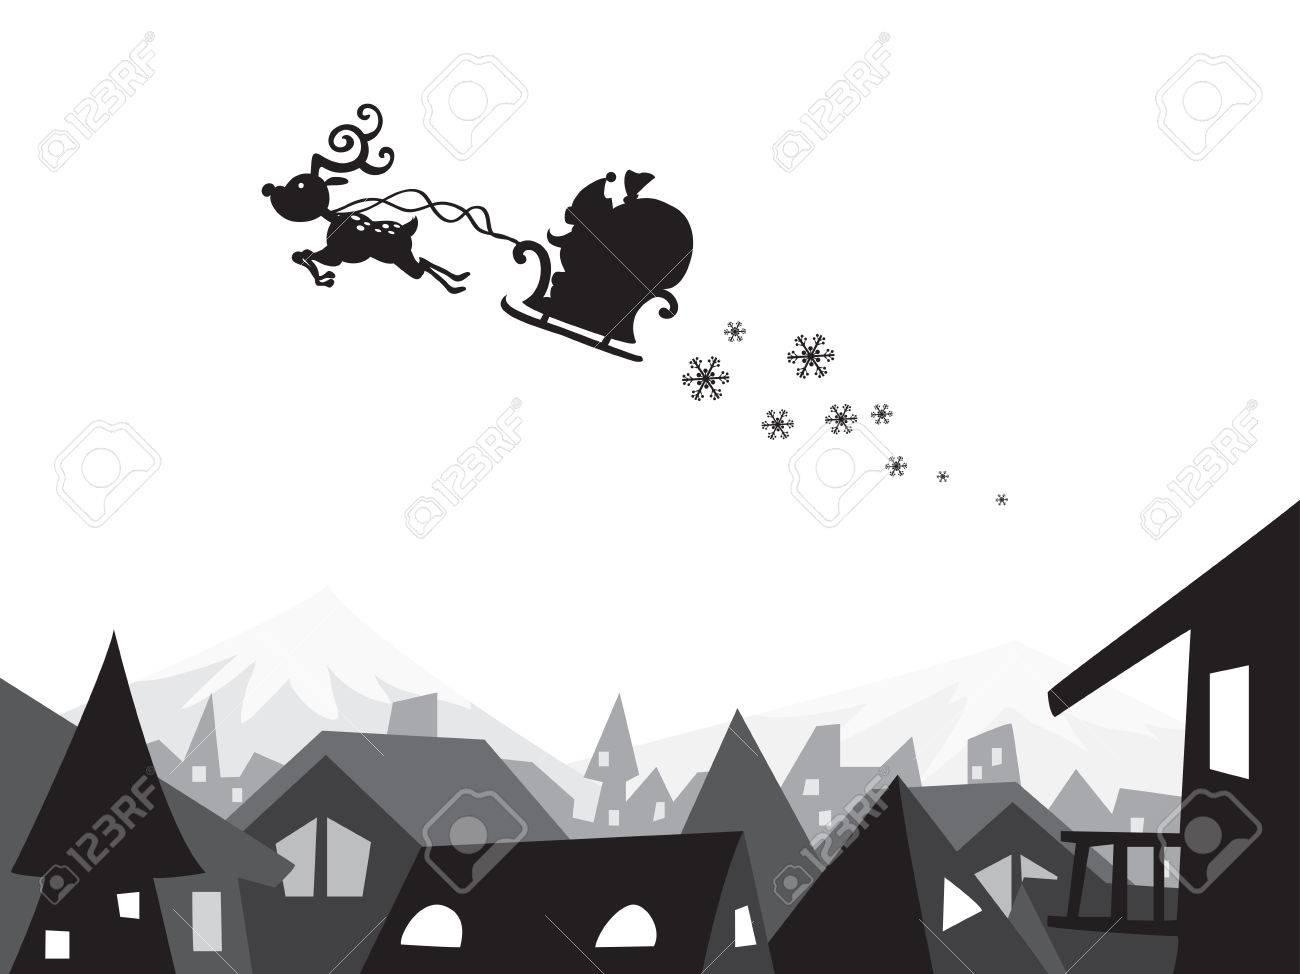 Buon Natale Freestyle Testo.Buon Natale Citta Scena Paesaggio Fondo Silhouette Carta Da Parati Grafica